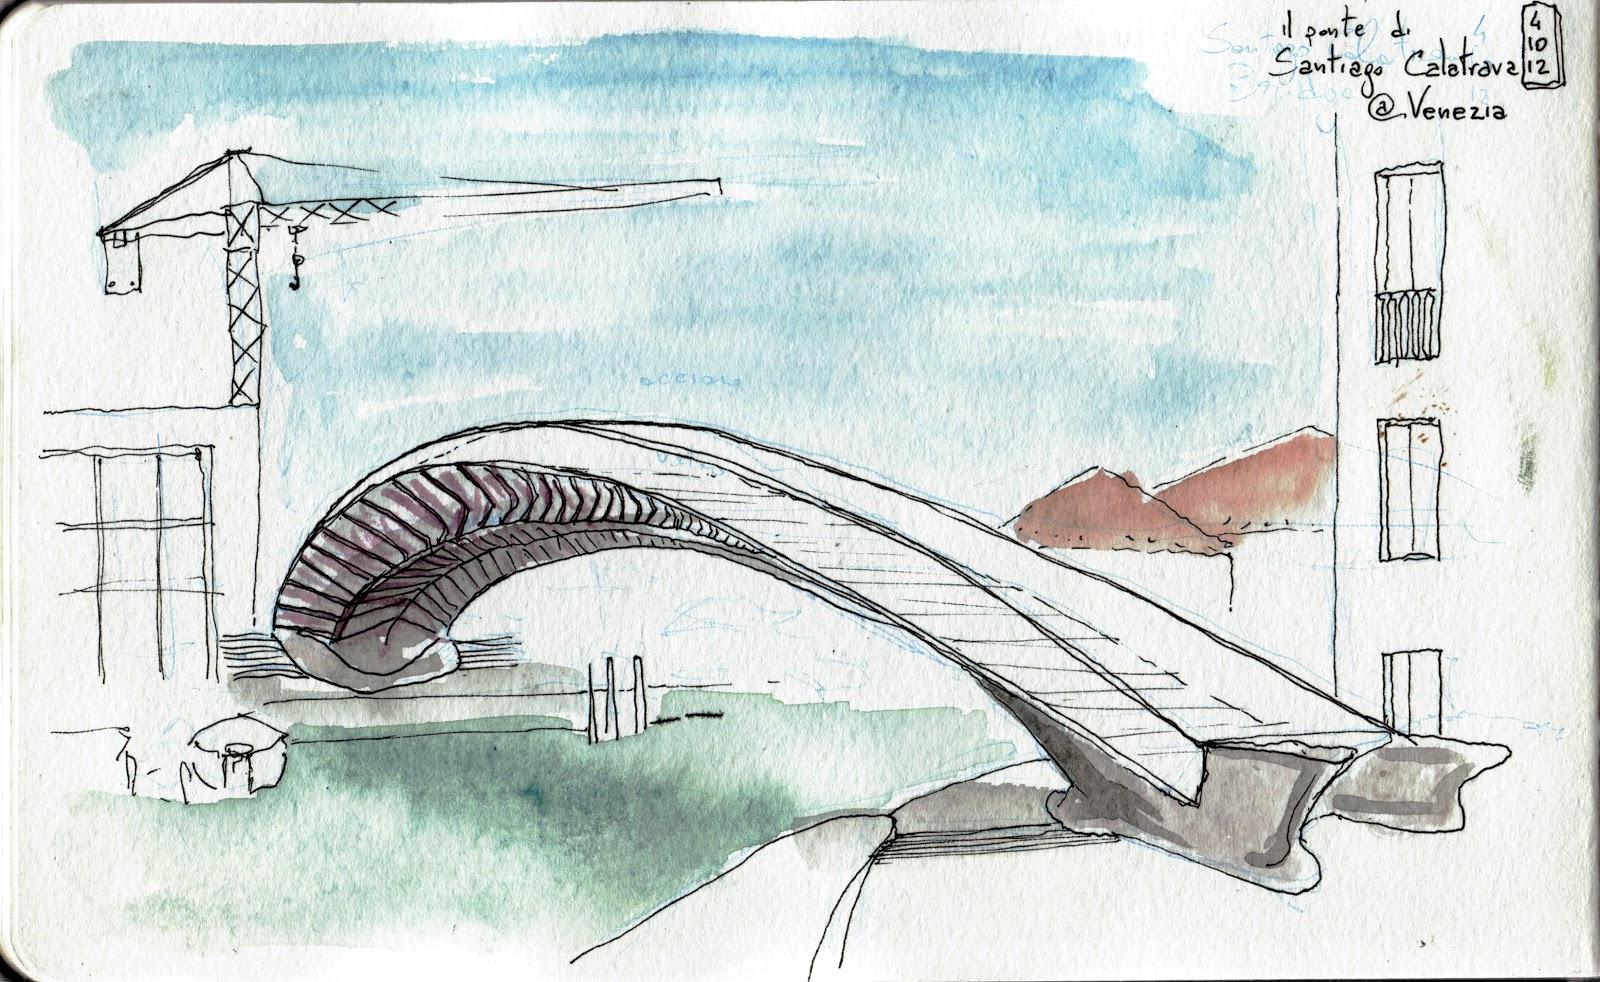 Taccuino pellegrino ponte di calatrava for Disegni di ponte anteriore